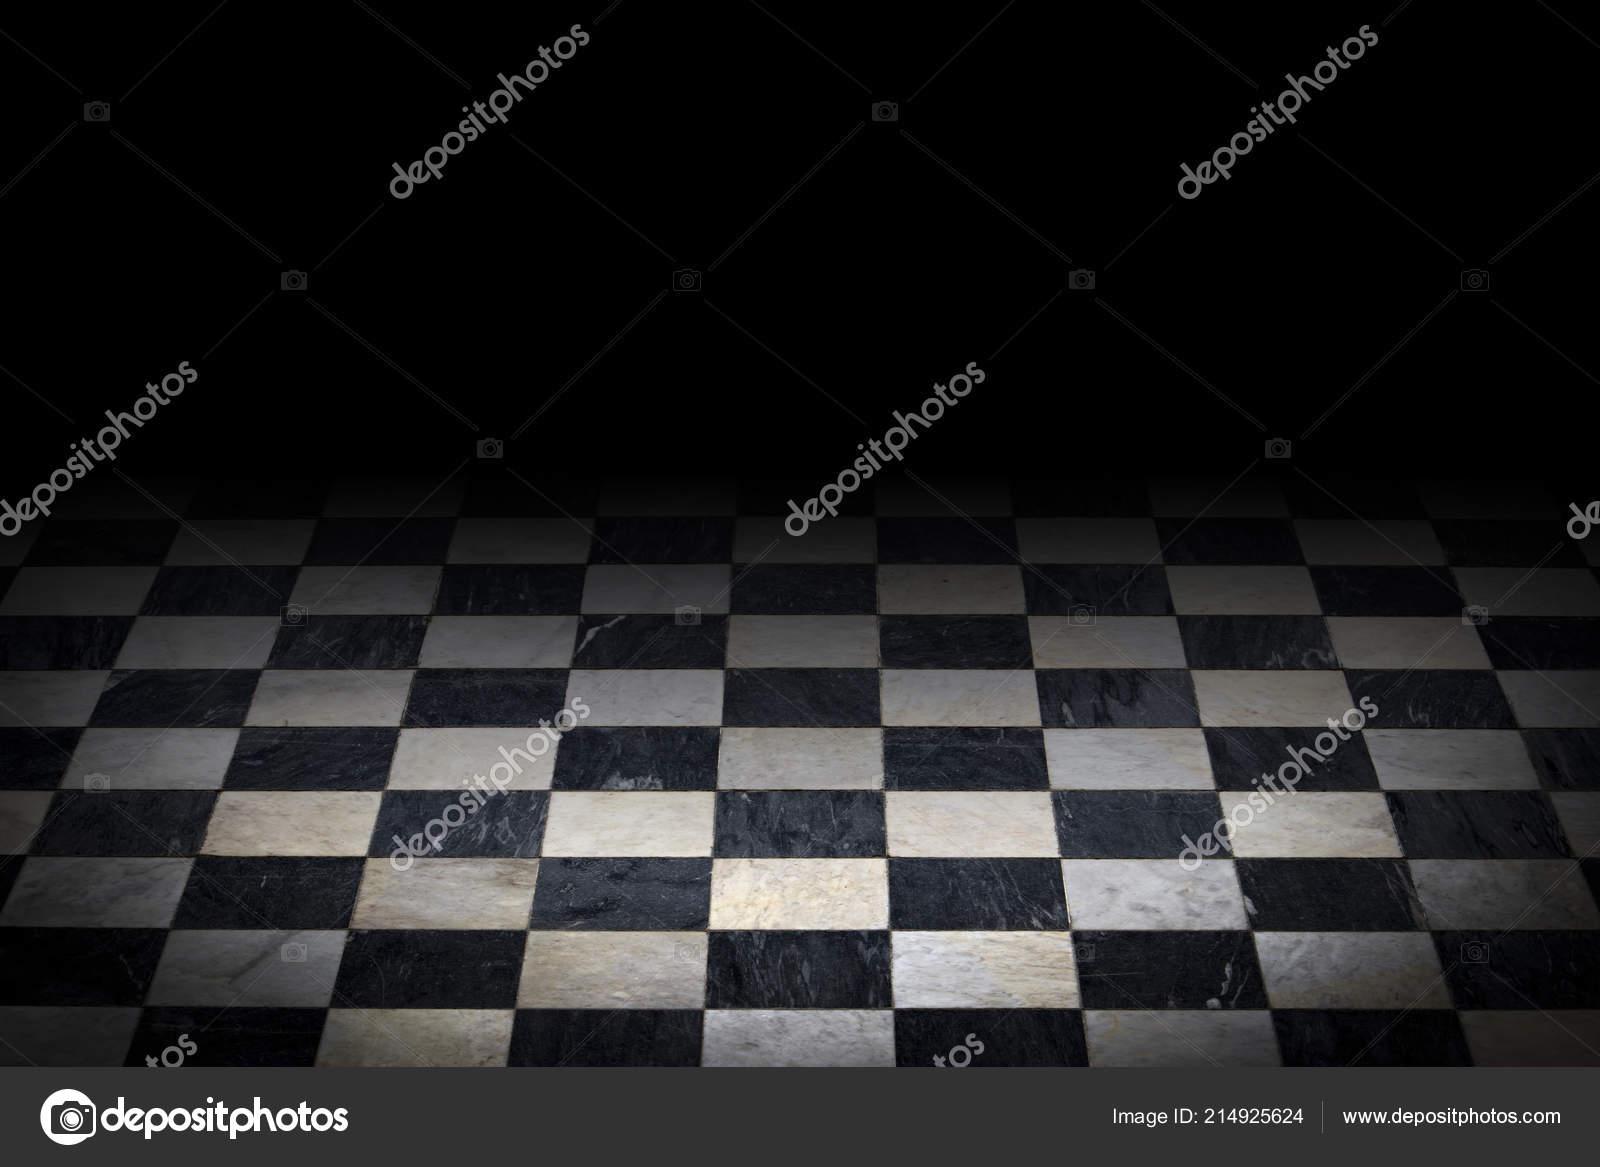 Antique Carreaux Sol Marbre Noir Blanc Des Arrière Plans Avec ...